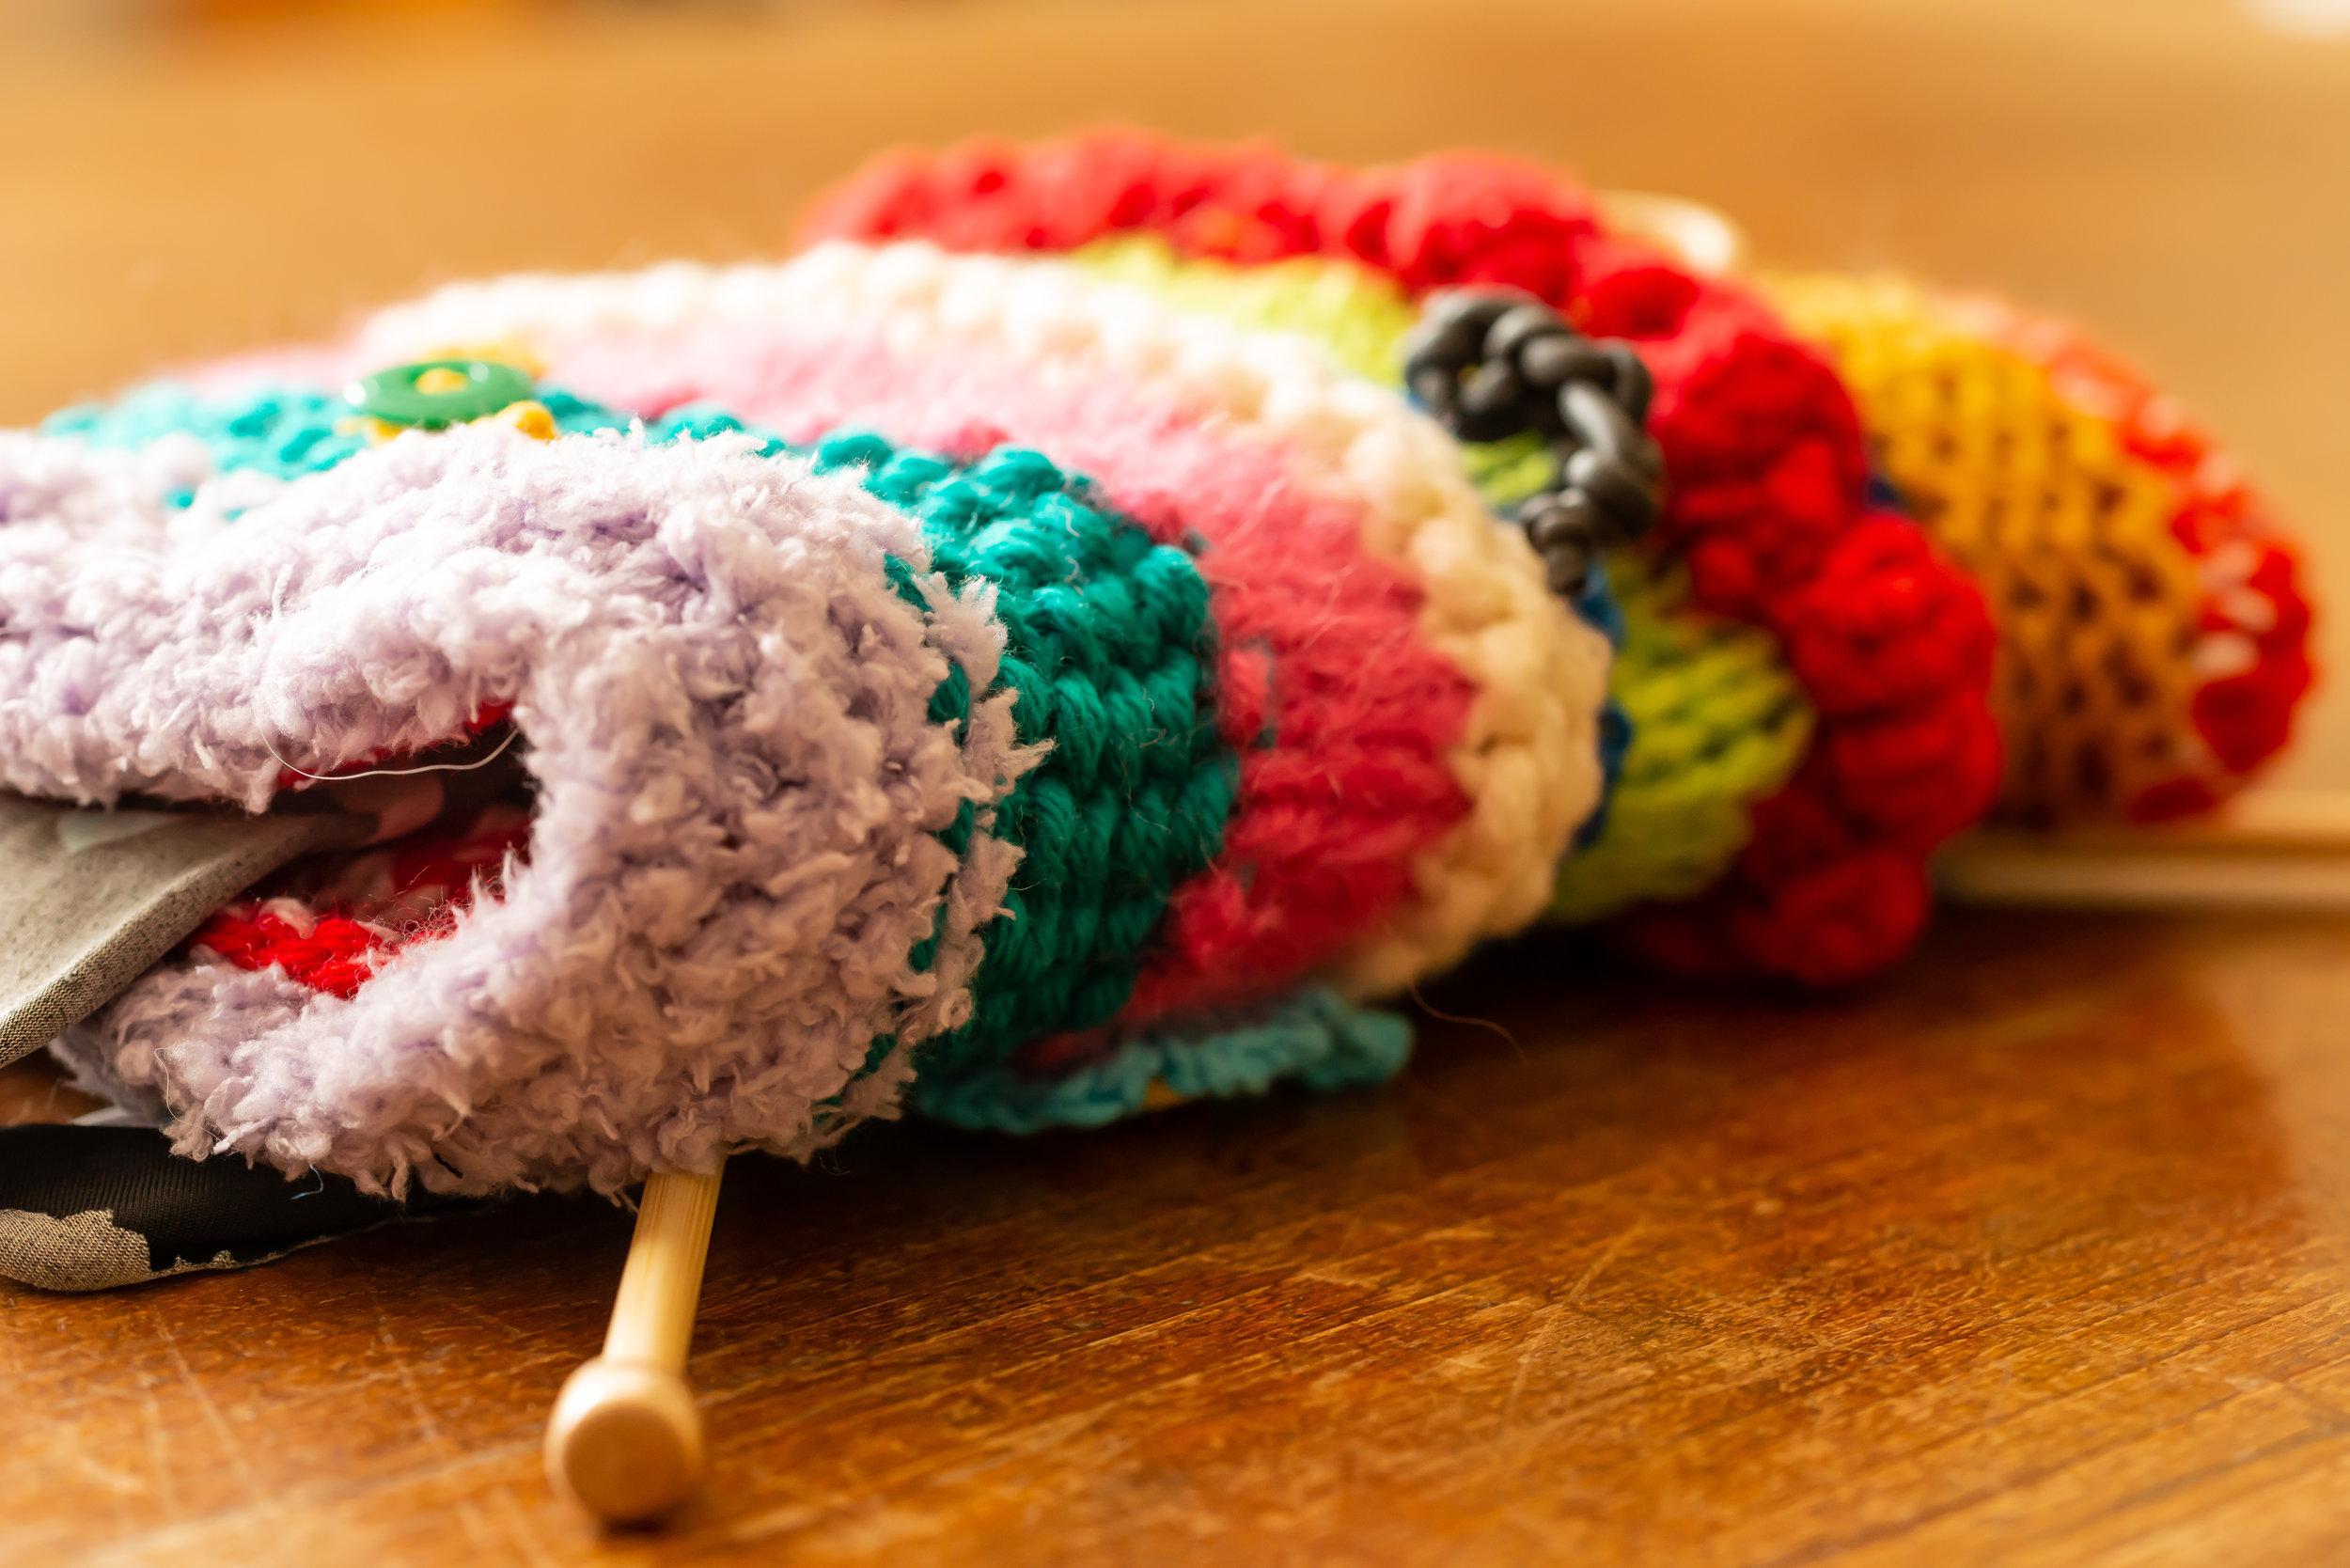 Les made-laines - Ensemble, tricotons le fil de la solidarité